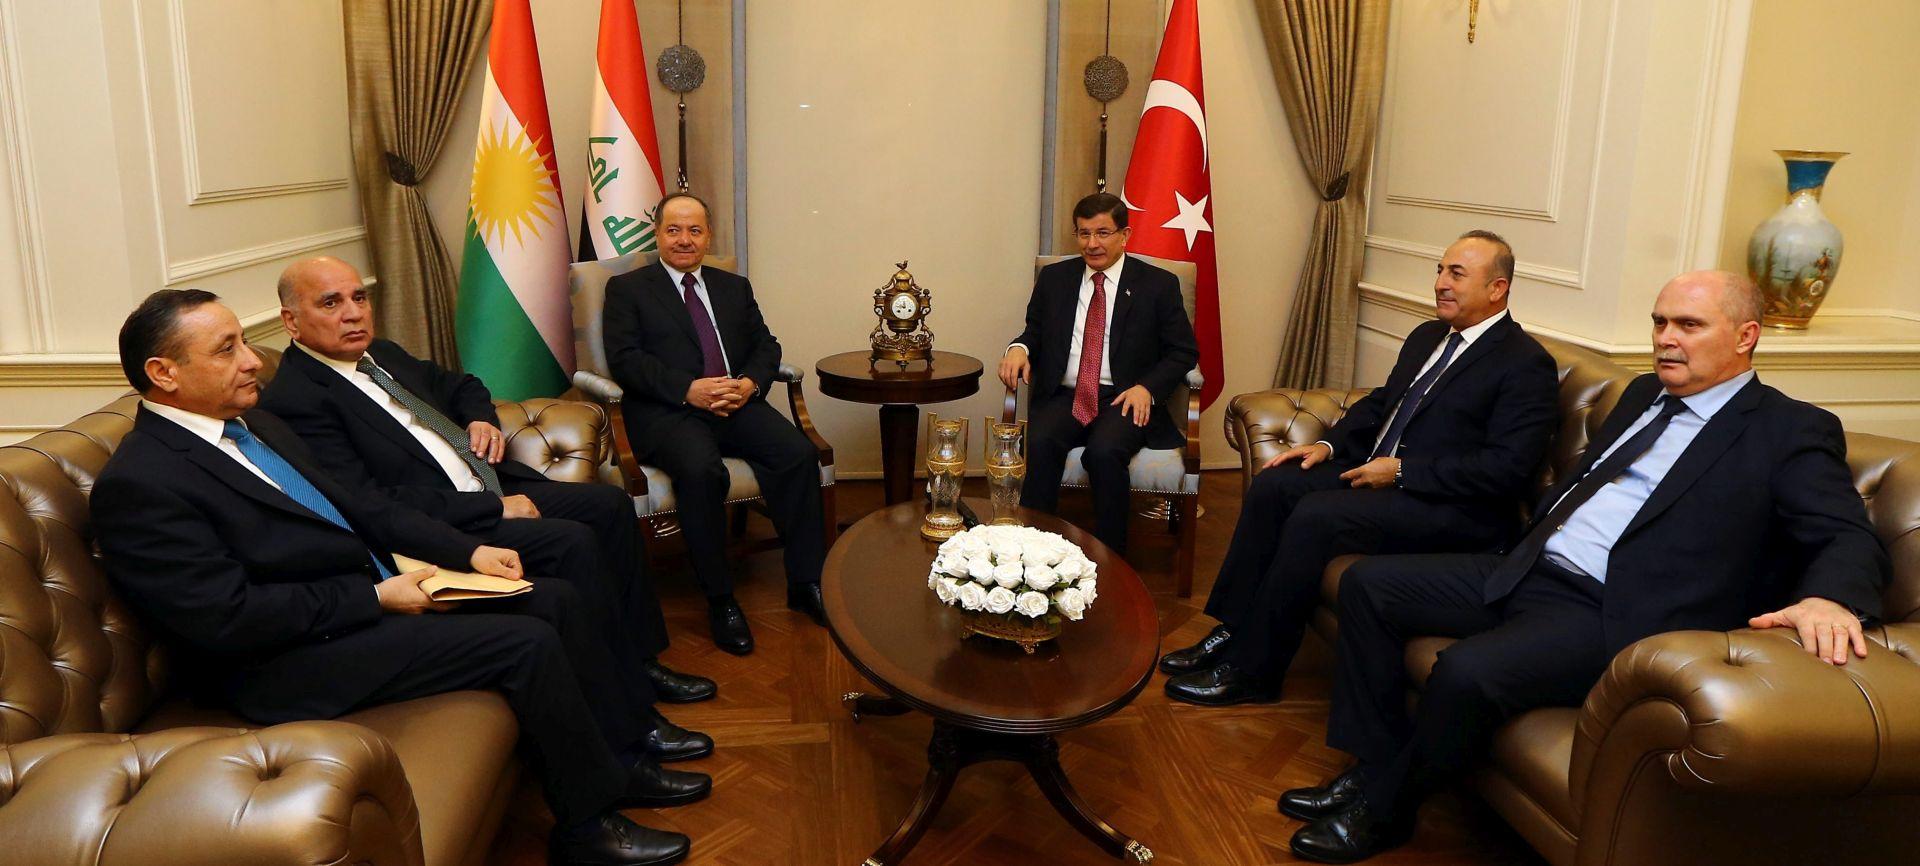 VOJNI UPAD TURSKE: Irak poziva Vijeće sigurnosti da zatraži povlačenje turskih snaga